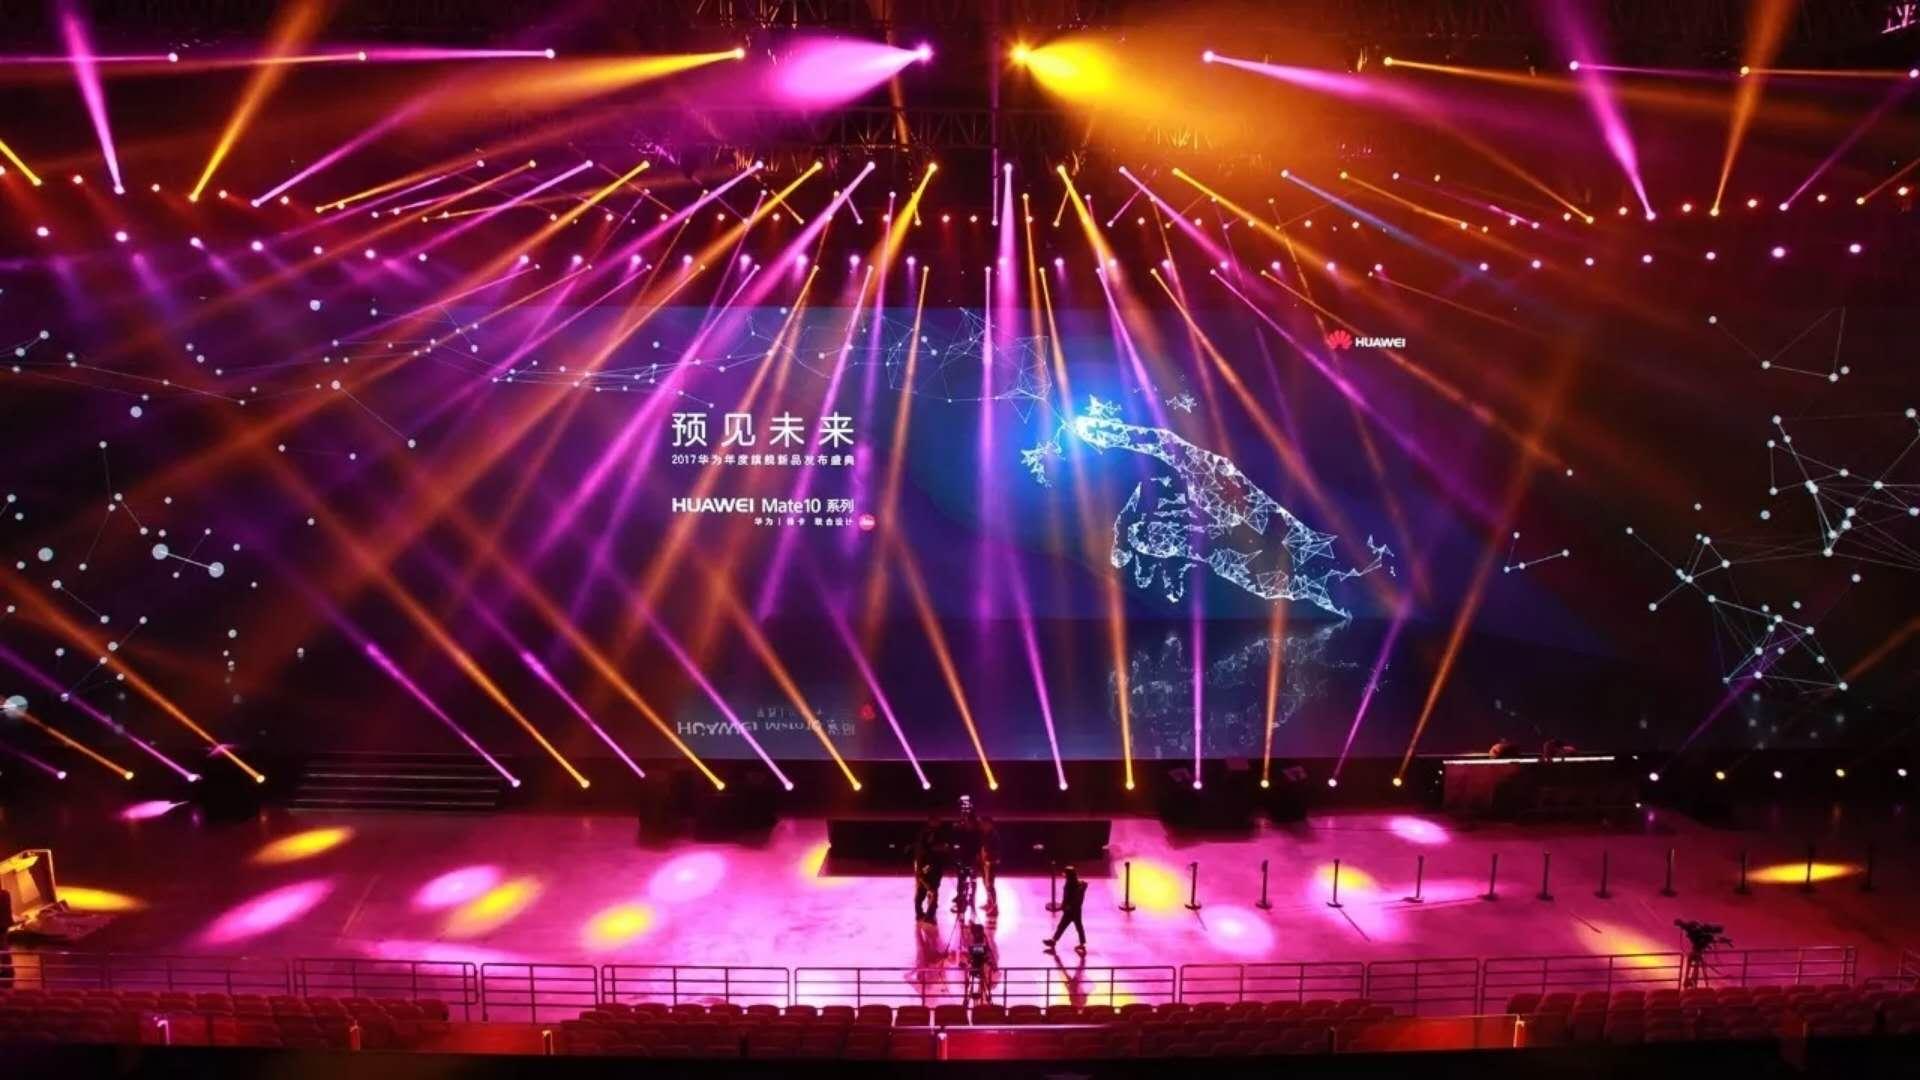 全息投影舞台制作需要多少钱,光影百年科技